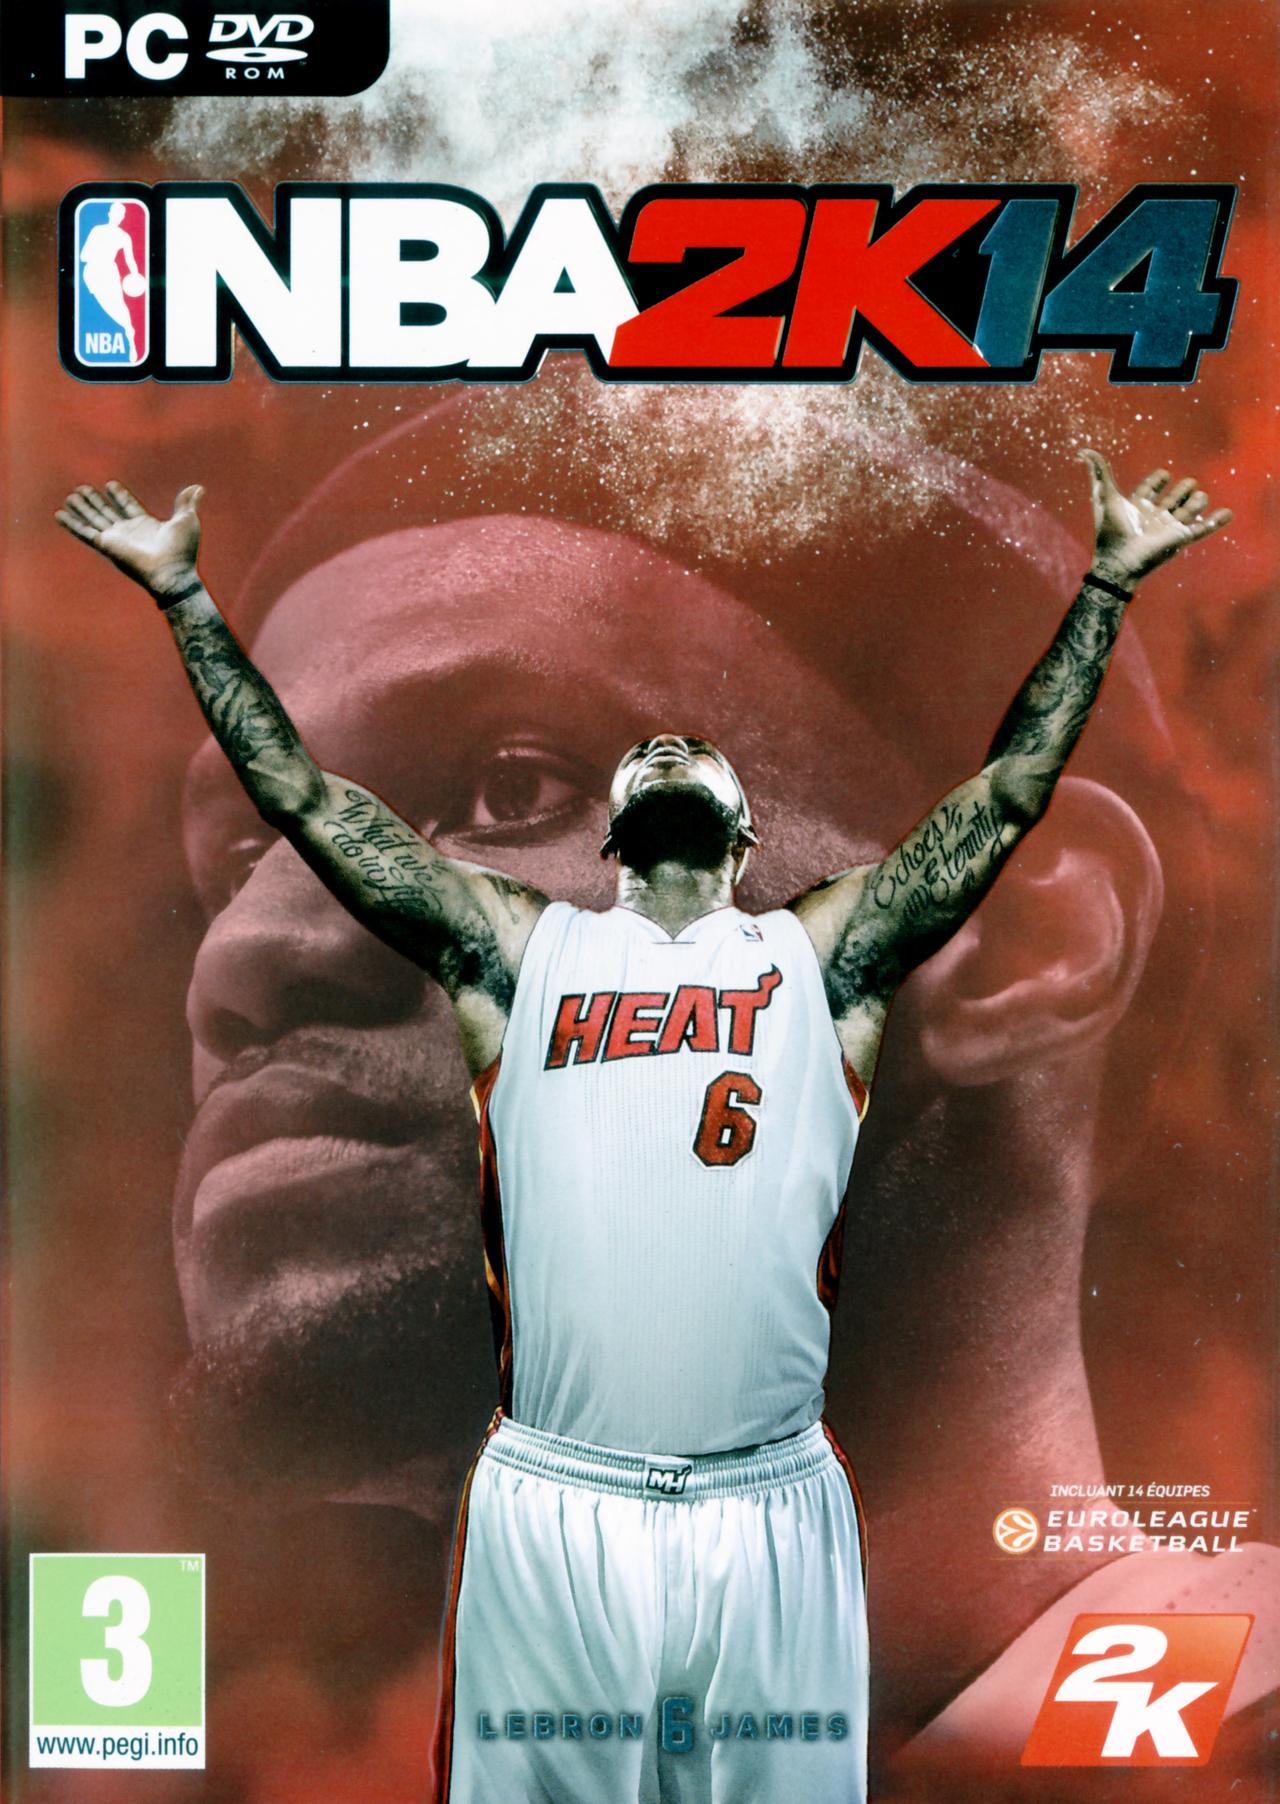 NBA 2K14 sur PC - jeuxvideo.com